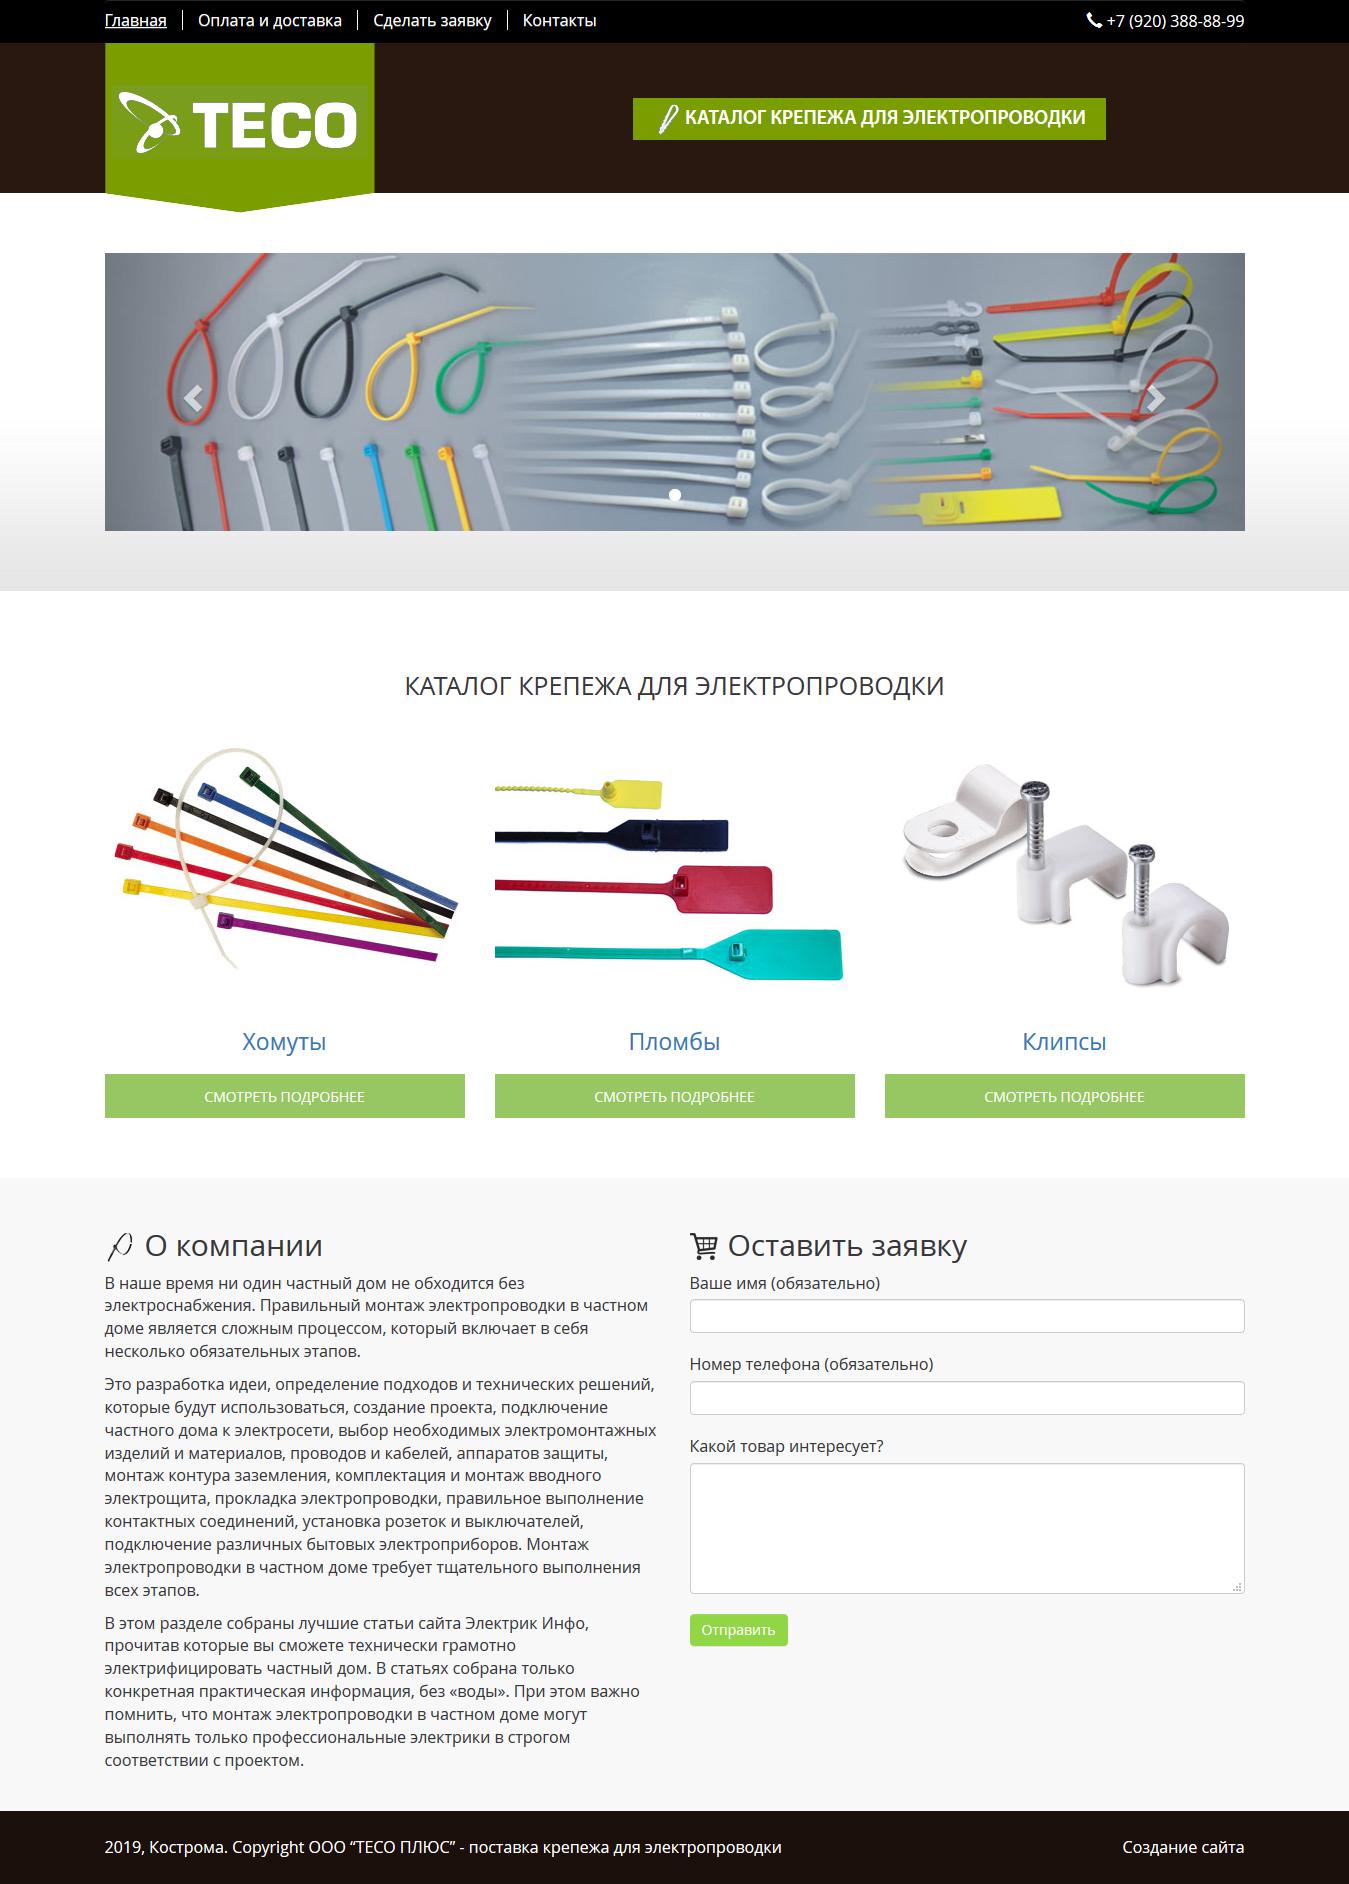 Сайт компании «ТЕСО». Создание сайтов в Костроме